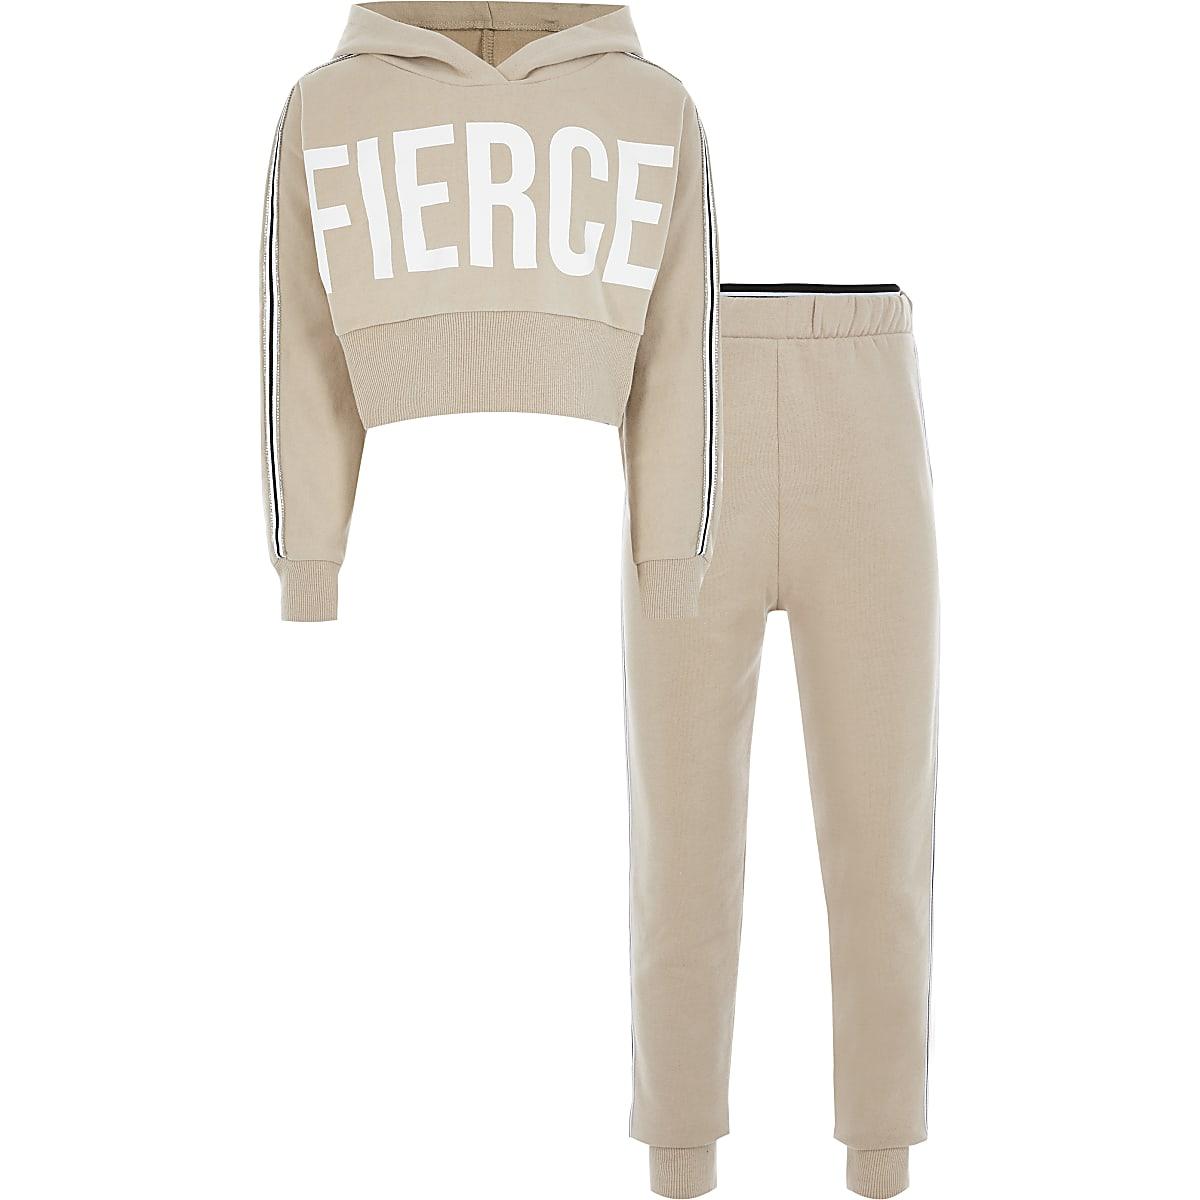 Girls beige 'fierce' crop sweatshirt outfit